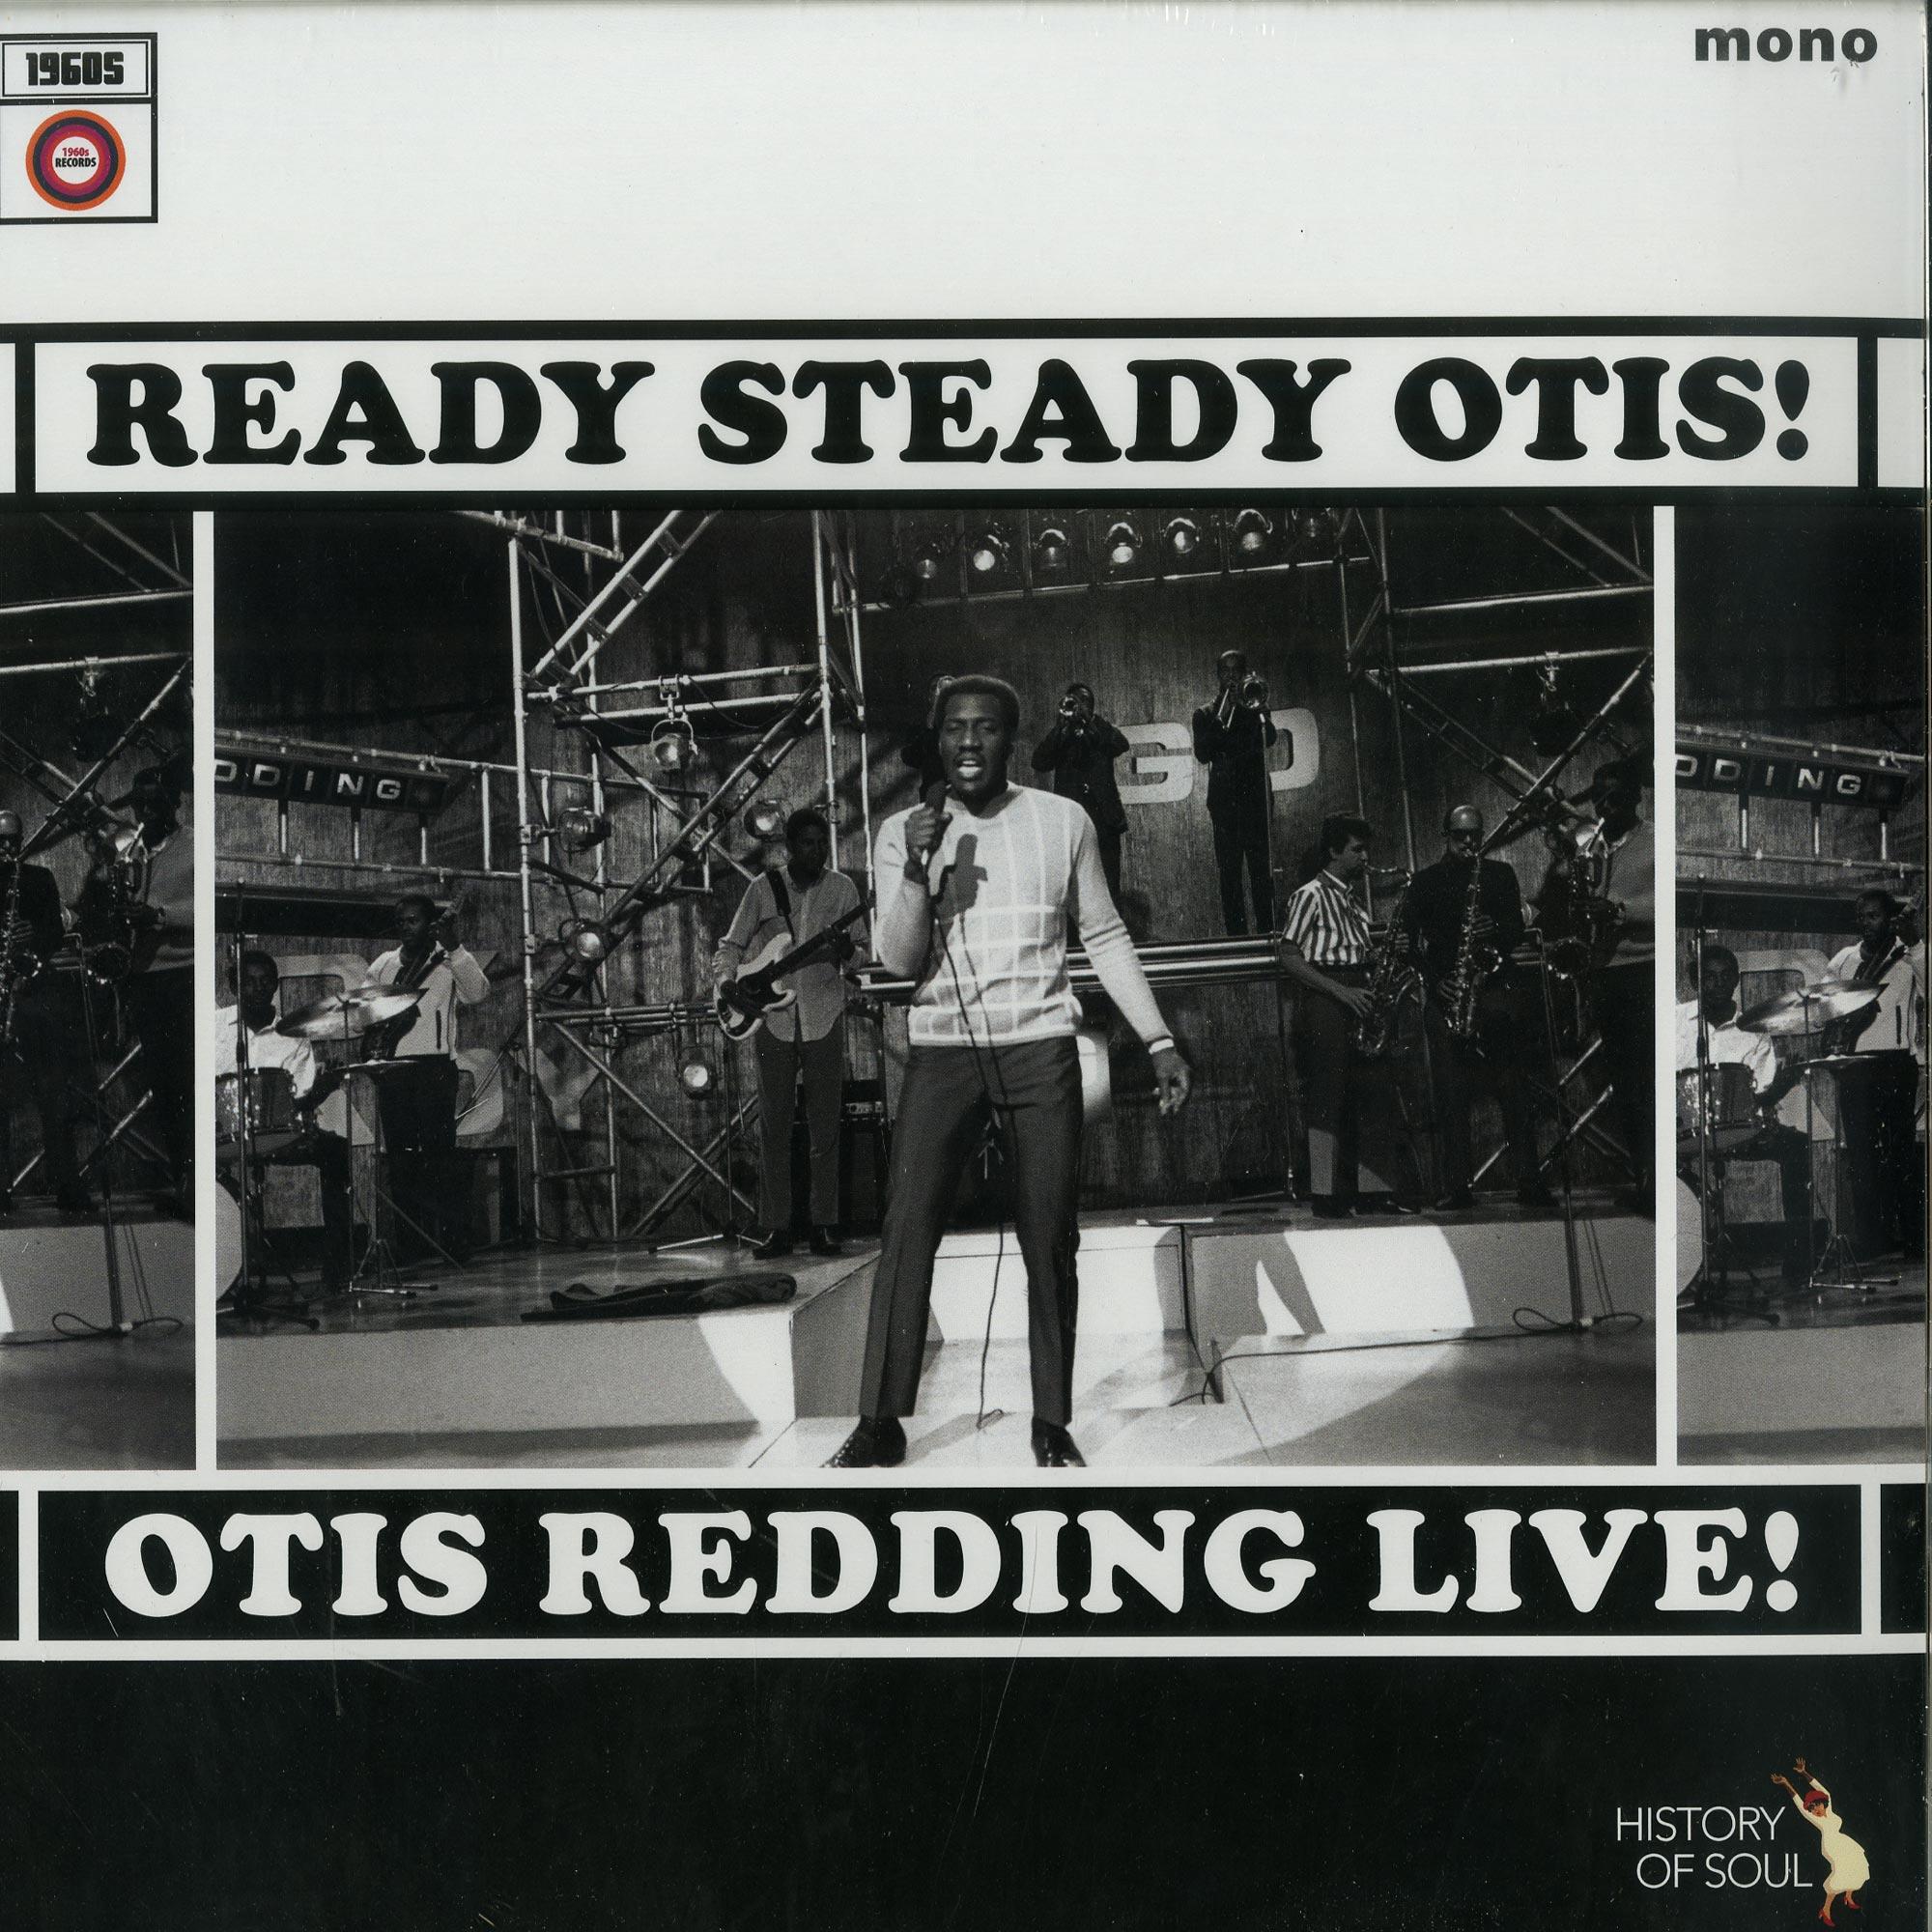 Otis Redding - READY, STEADY, OTIS!